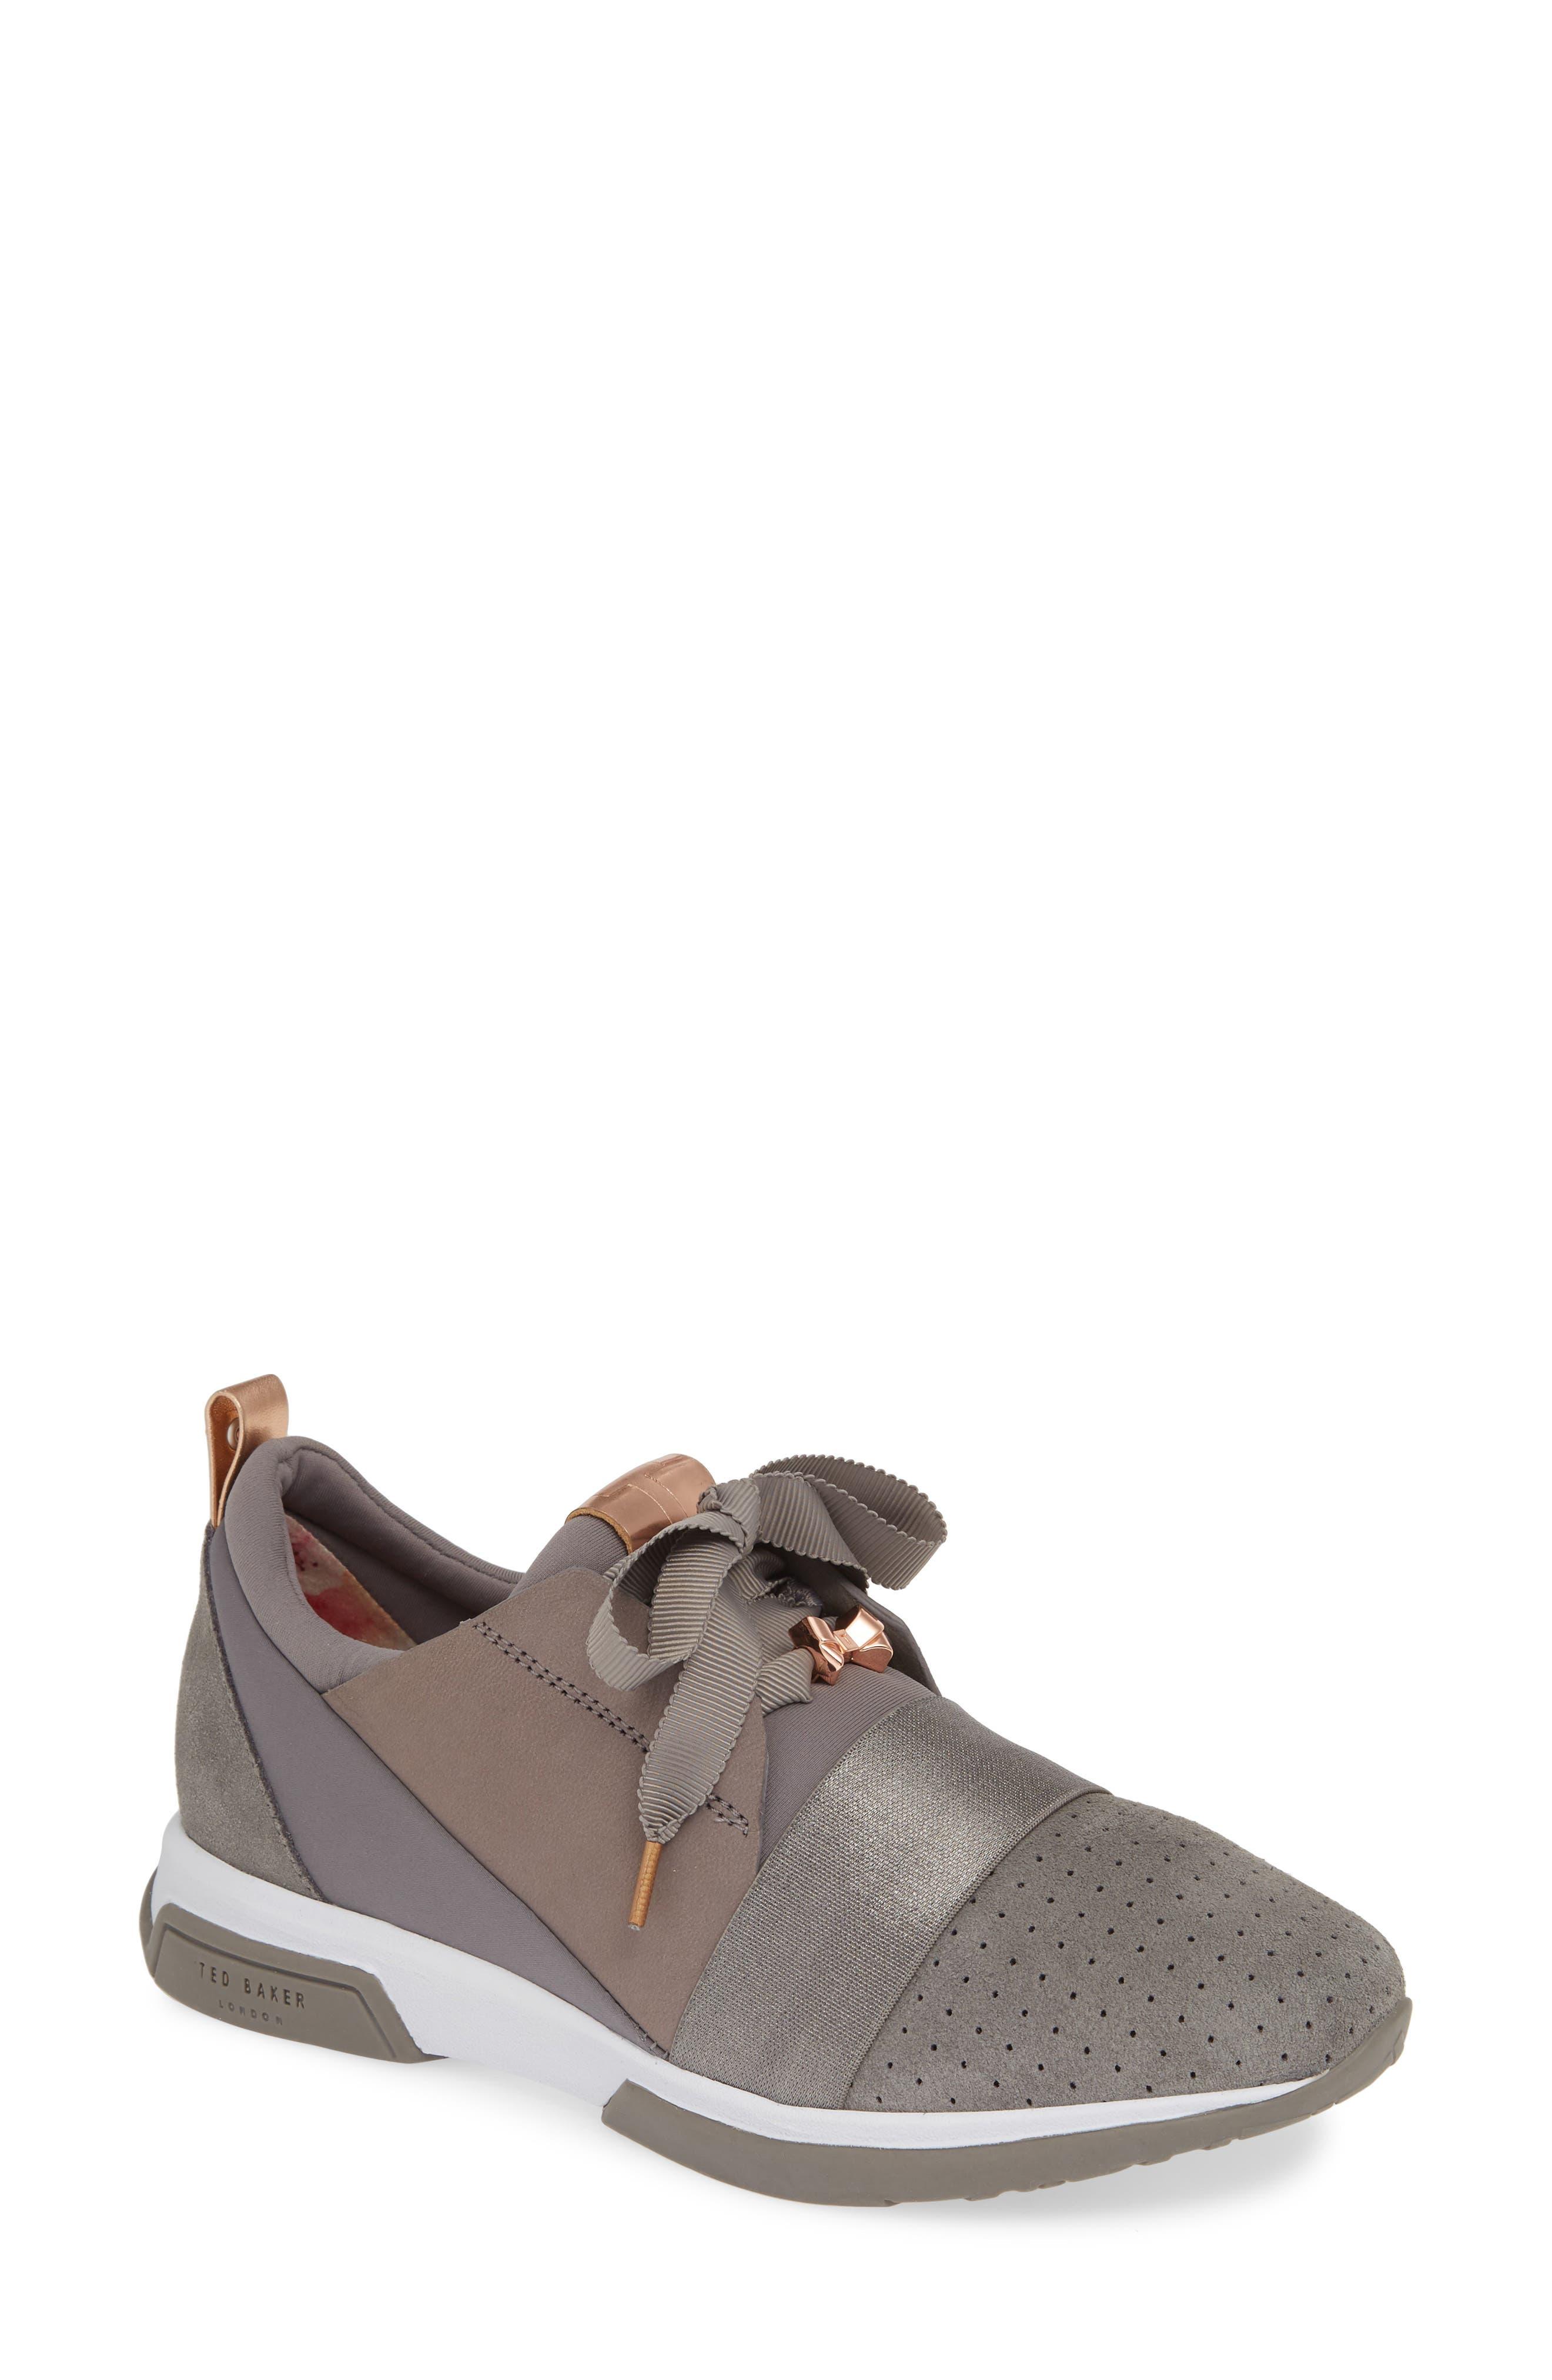 dd62a19032db Ted Baker London Cepa Sneaker - Grey